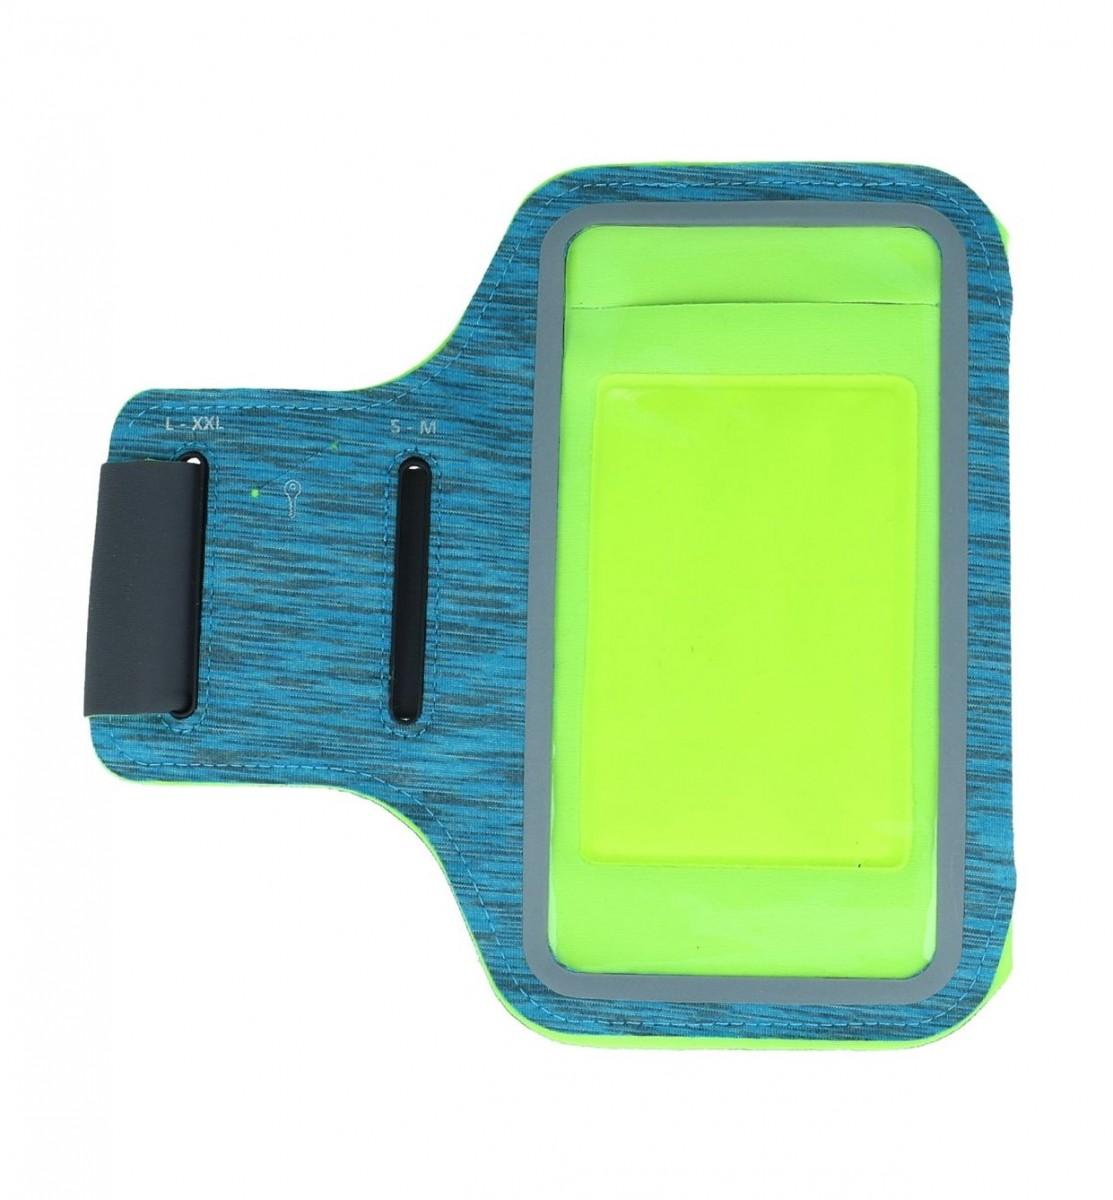 Sportovní pouzdro TopQ na ruku Streaky velikost XL modré 56578 (sportovní obal)